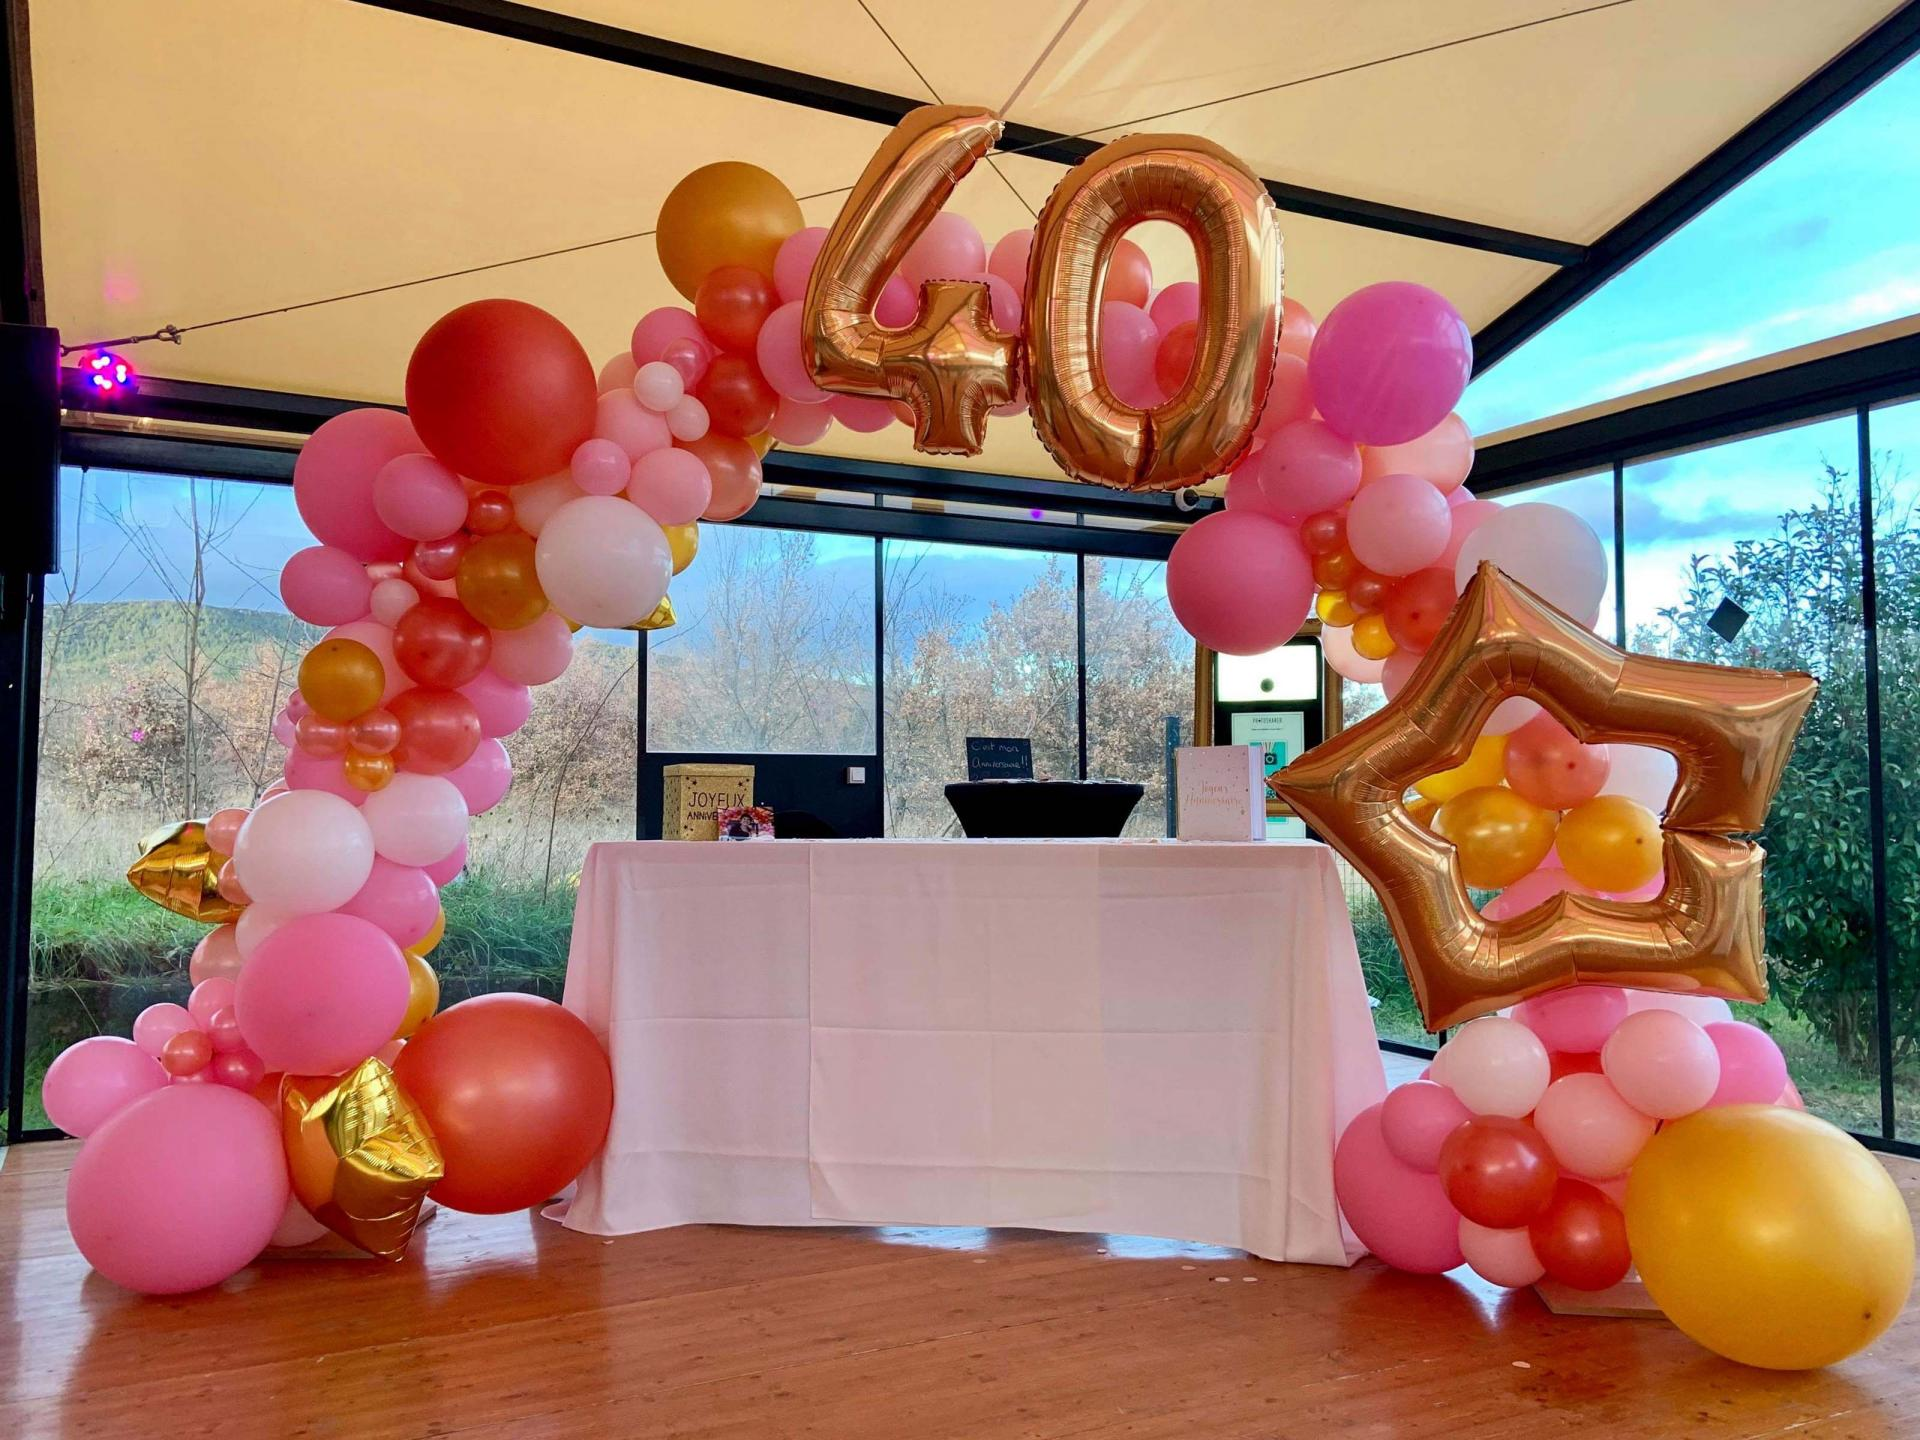 Arche anniversaire ballon Aix en Provence